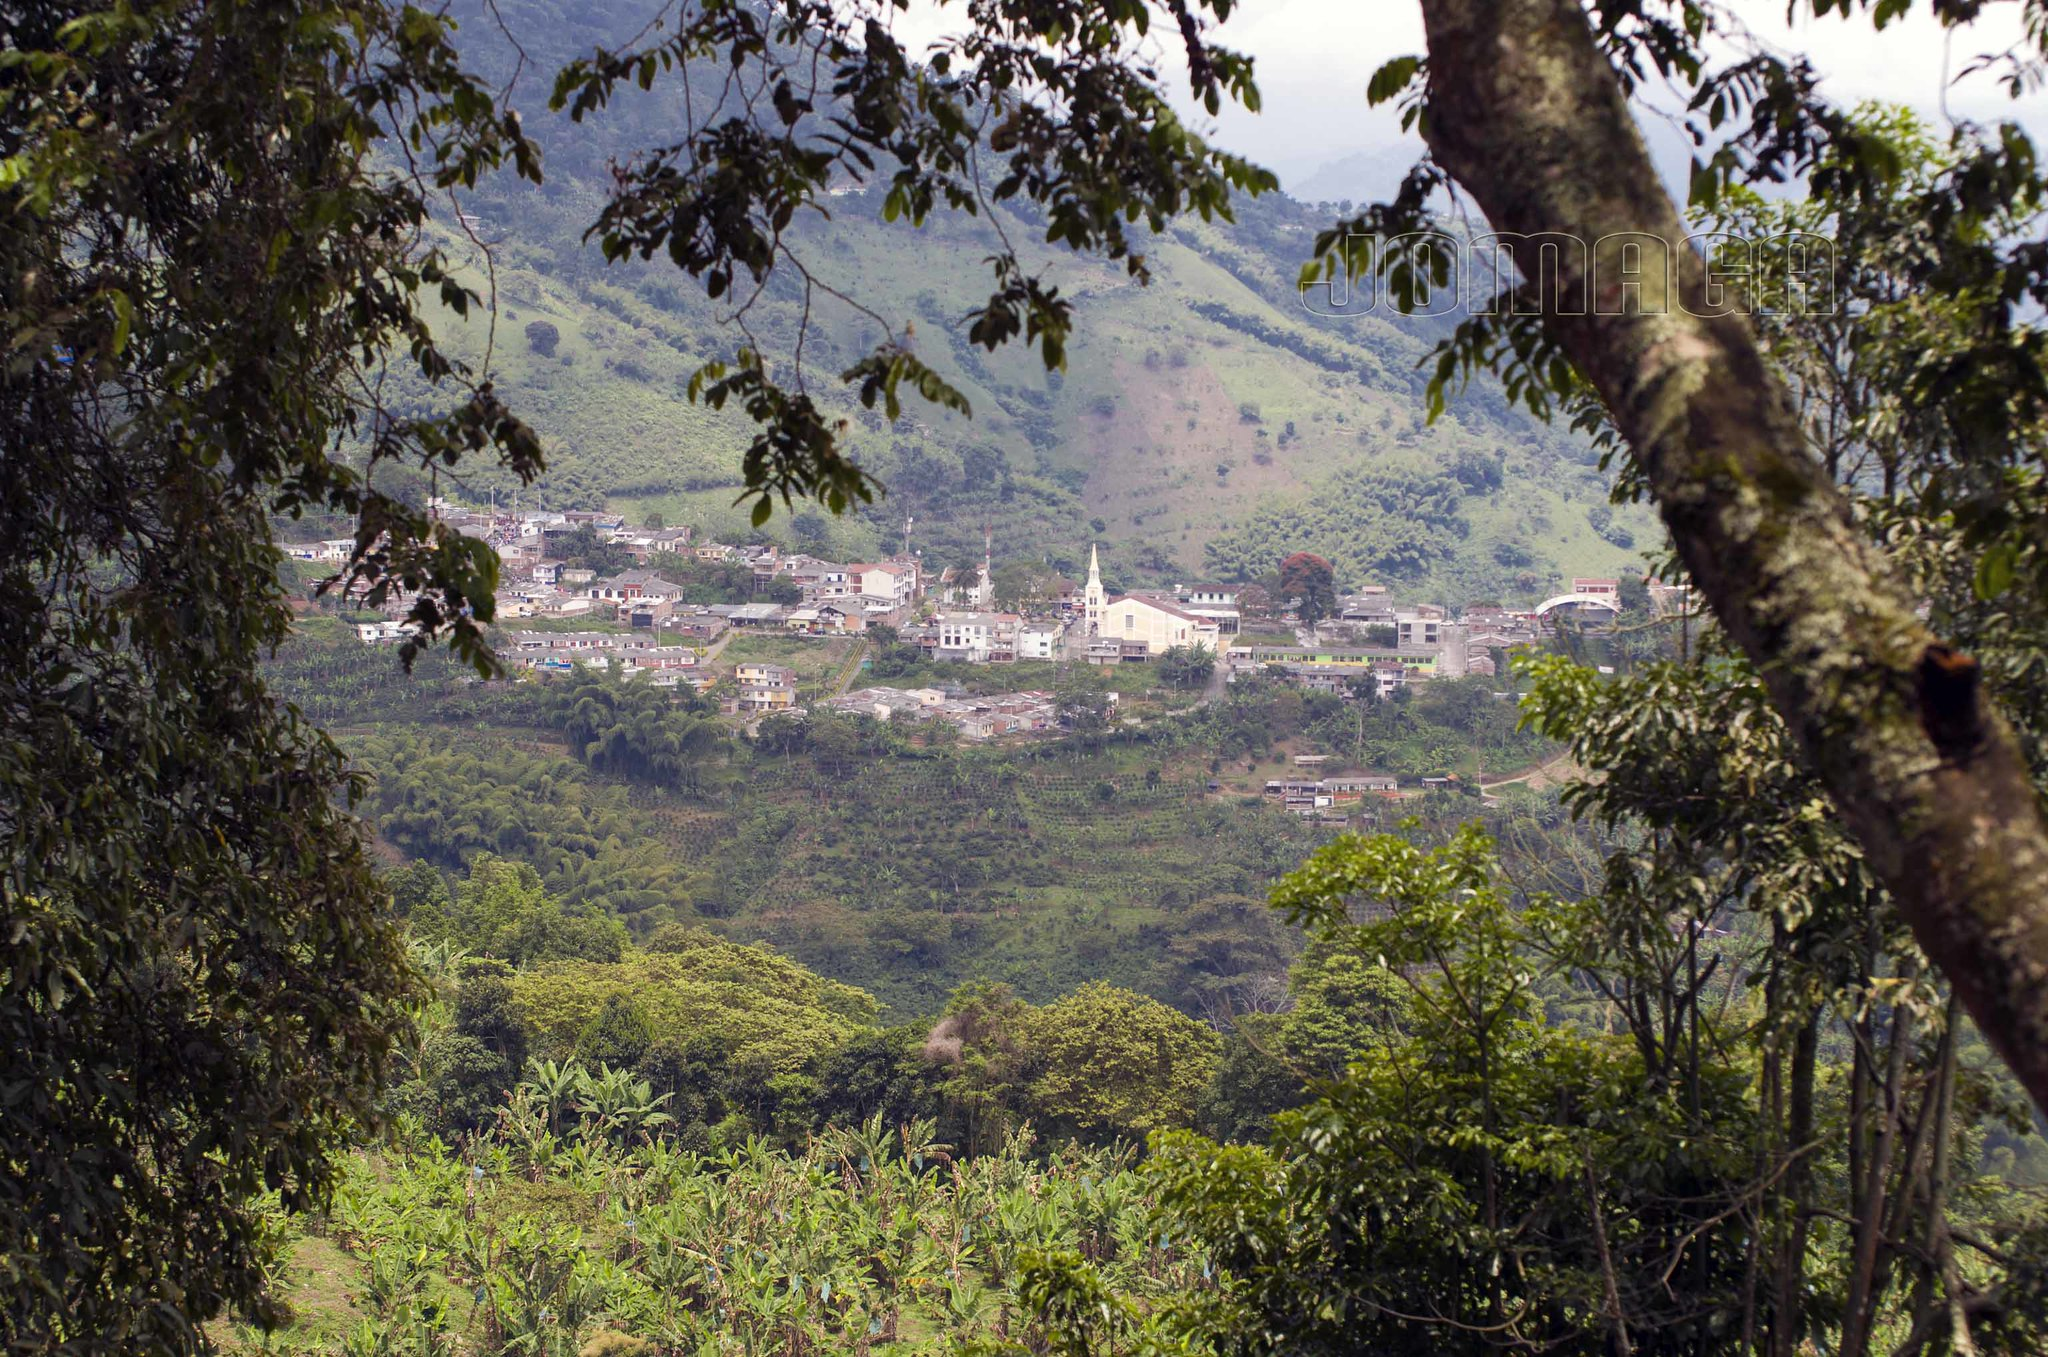 Imagen de Buenavista, Quindio entre las montañas